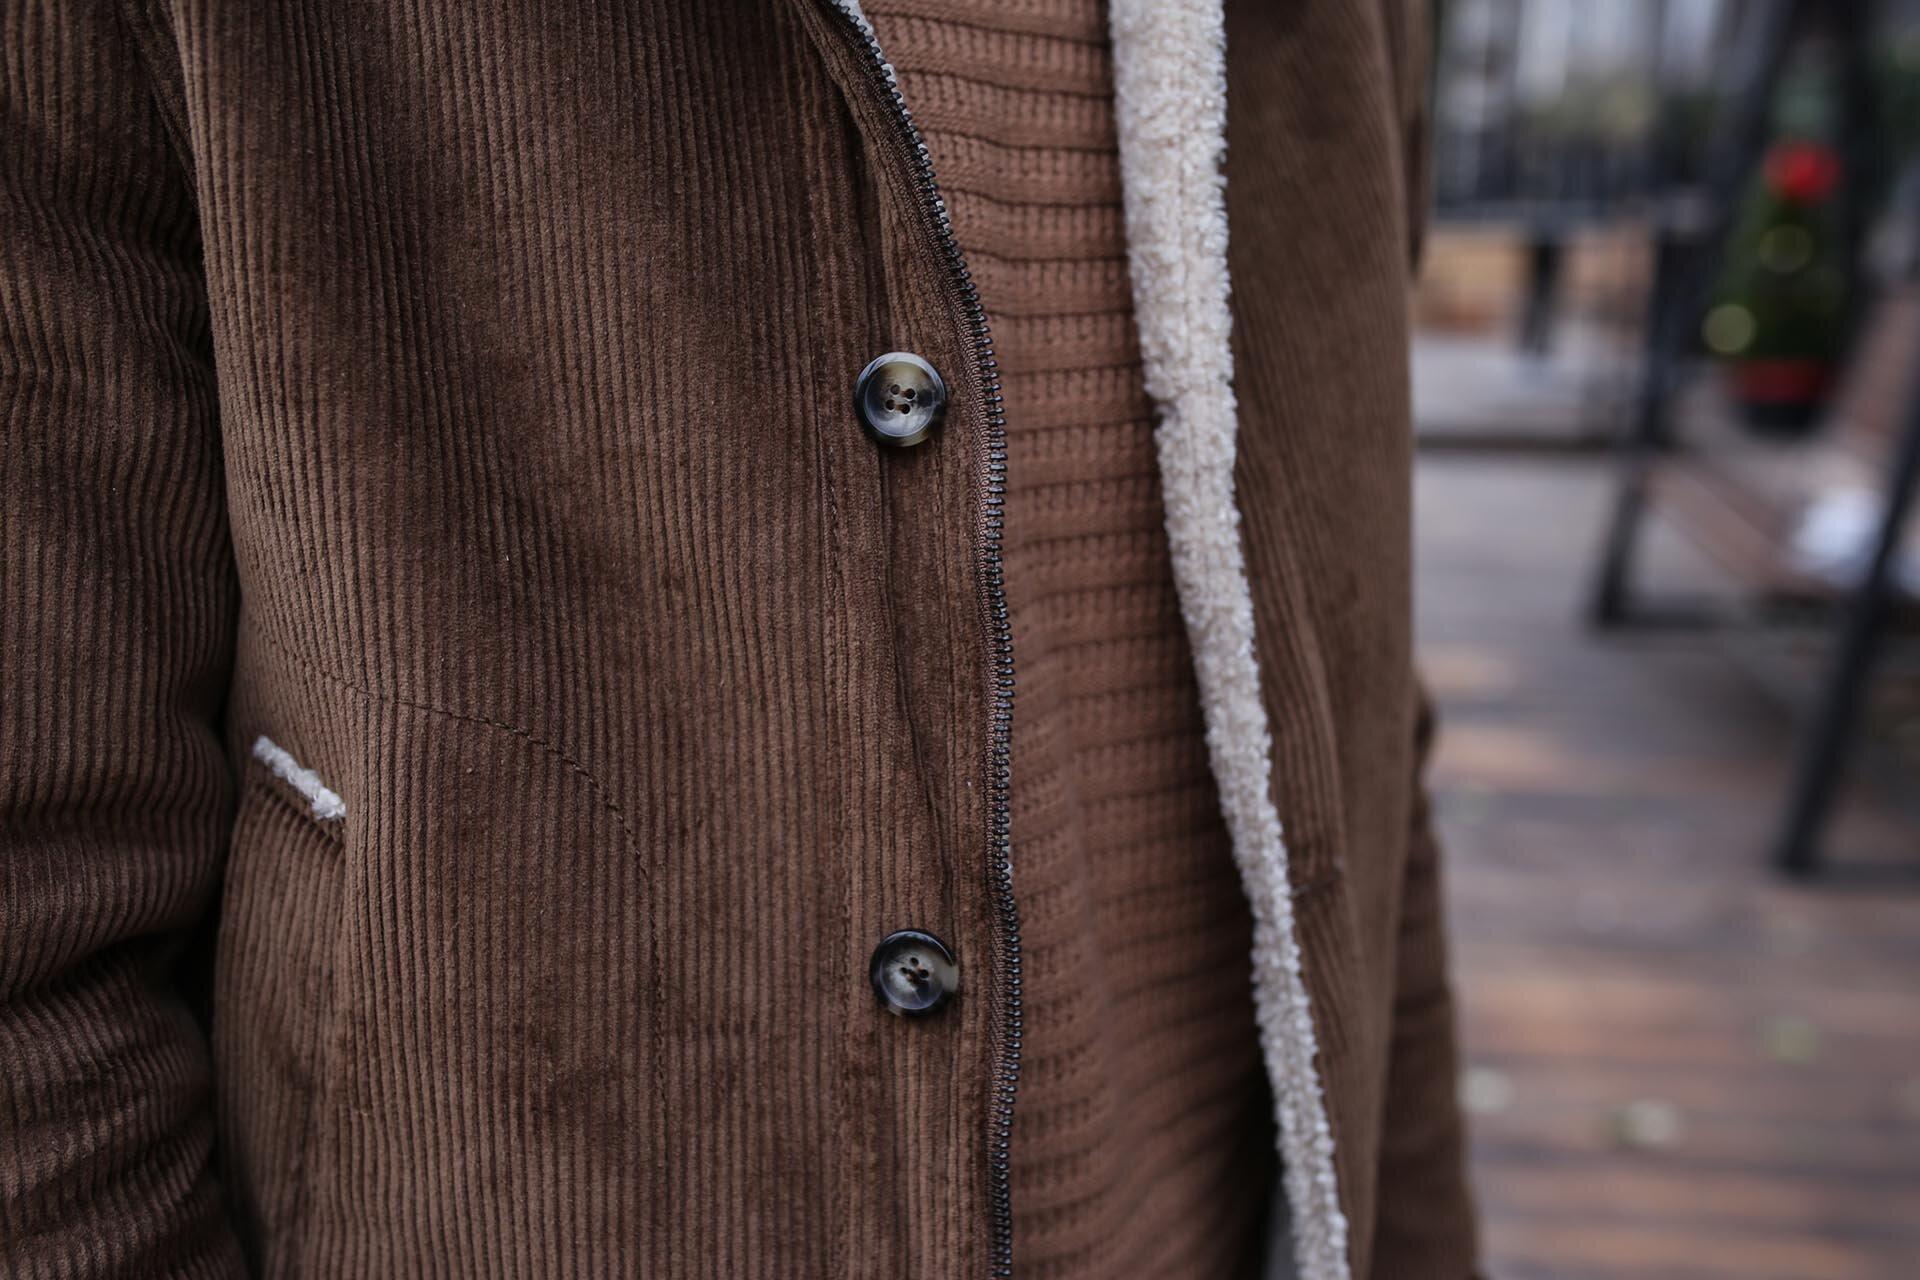 Jak ubrać się zimą żeby nie zmarznąć? Moda męska, Blog o modzie męskiej, GMALE by Grzegorz Paliś, Miejski Casual